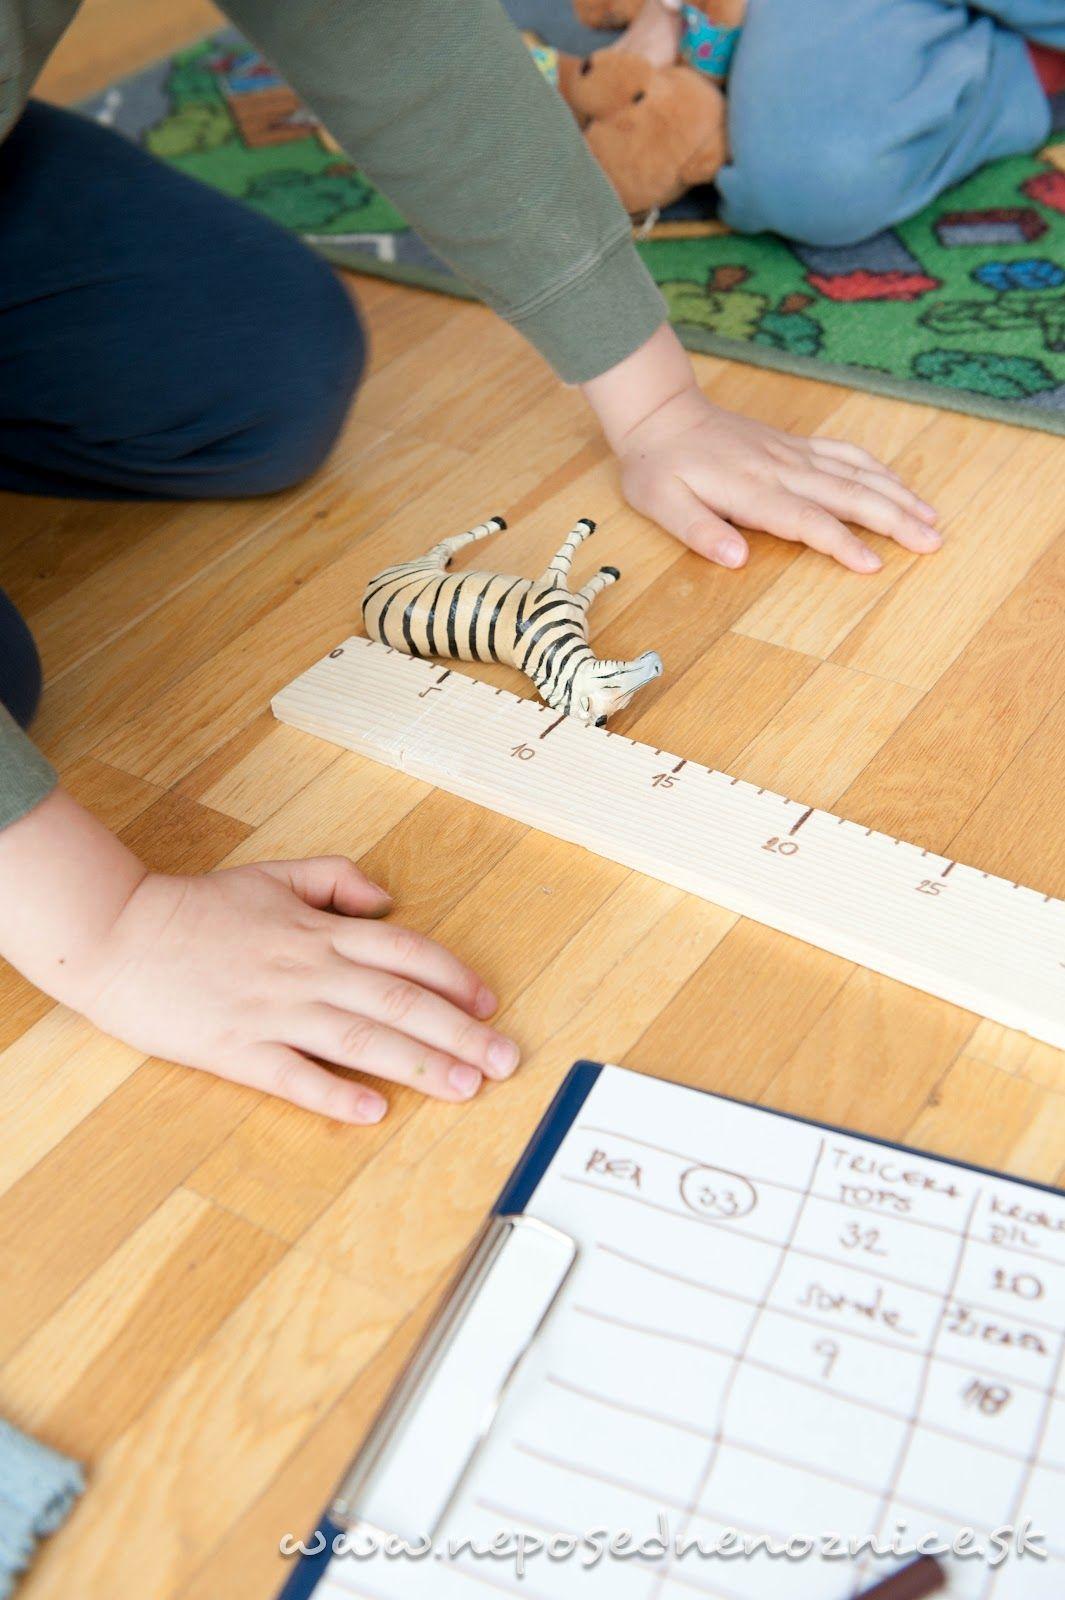 Bol to spontánny nápad. Mali sme doma obyčajnú drevenú latku. Nakreslila som na ňu čísla a tenká drevená doska sa premenila na meter.     ...